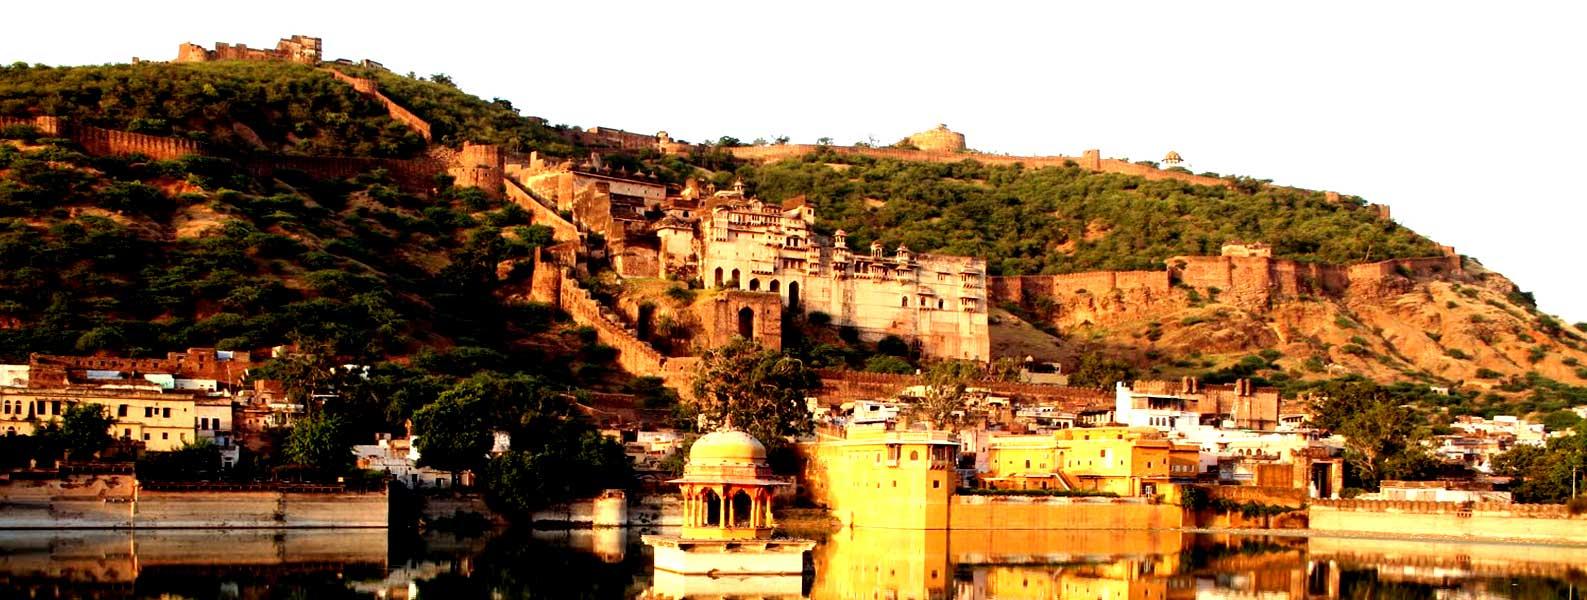 Bundi photography trip – Rajasthan